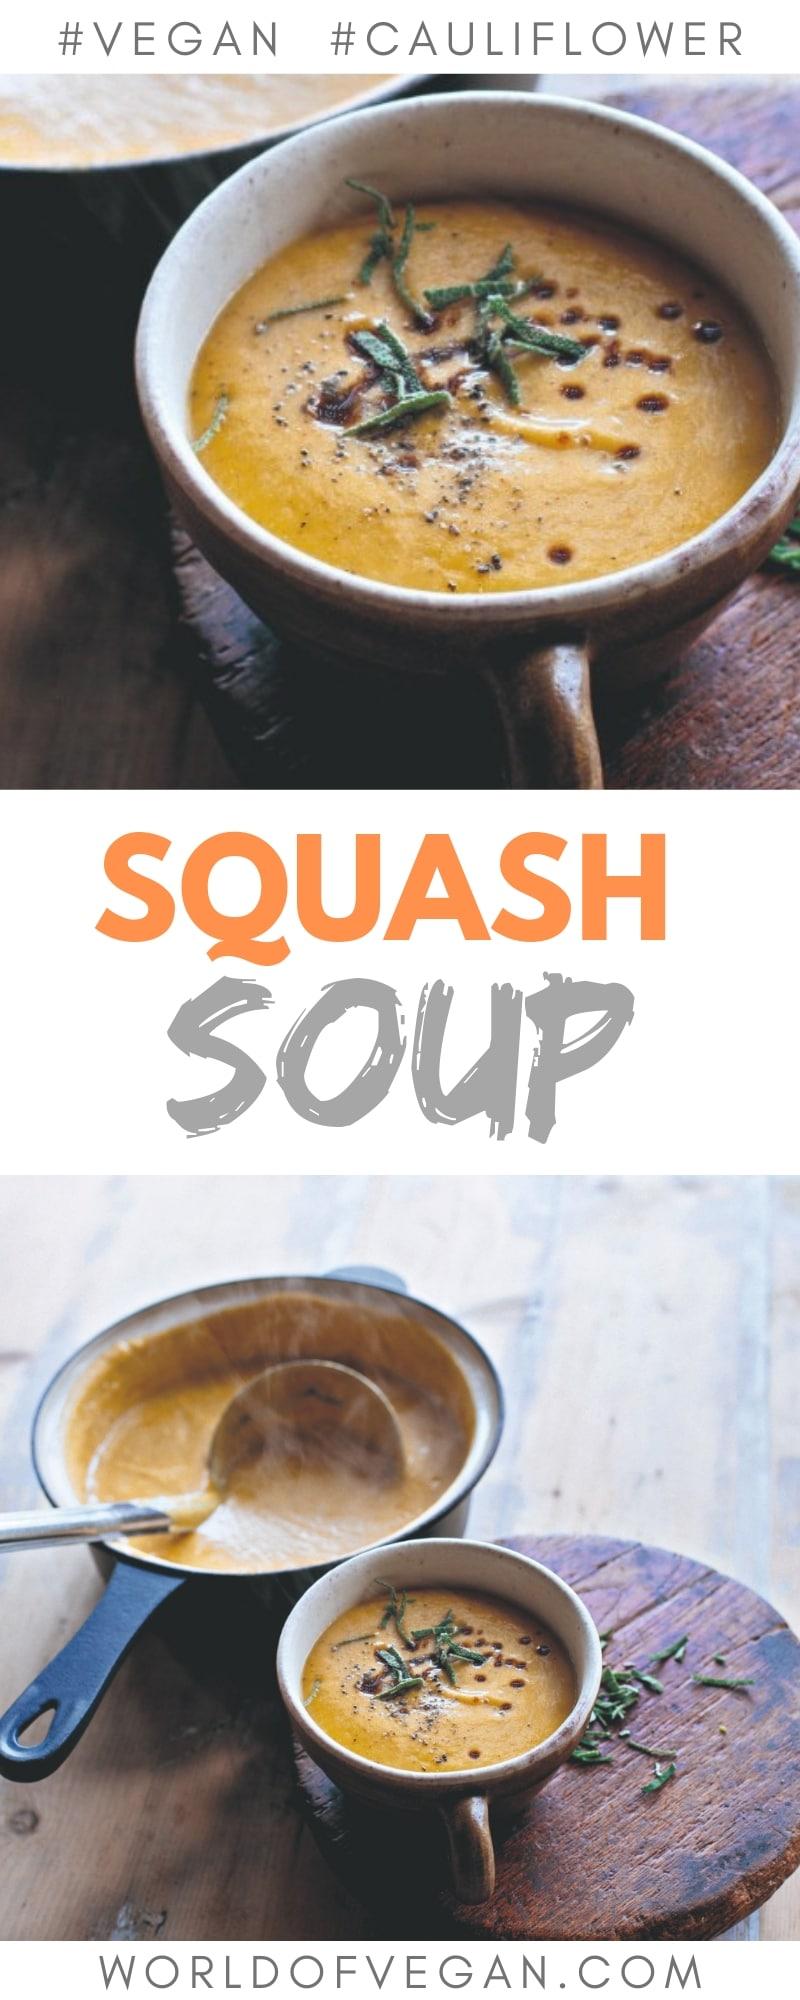 Easy Vegan Squash & Cauliflower Soup | Quick Vegan Dinner | WorldofVegan.com | #soup #vegan #cauliflower #squash #quick #healthy #worldofvegan